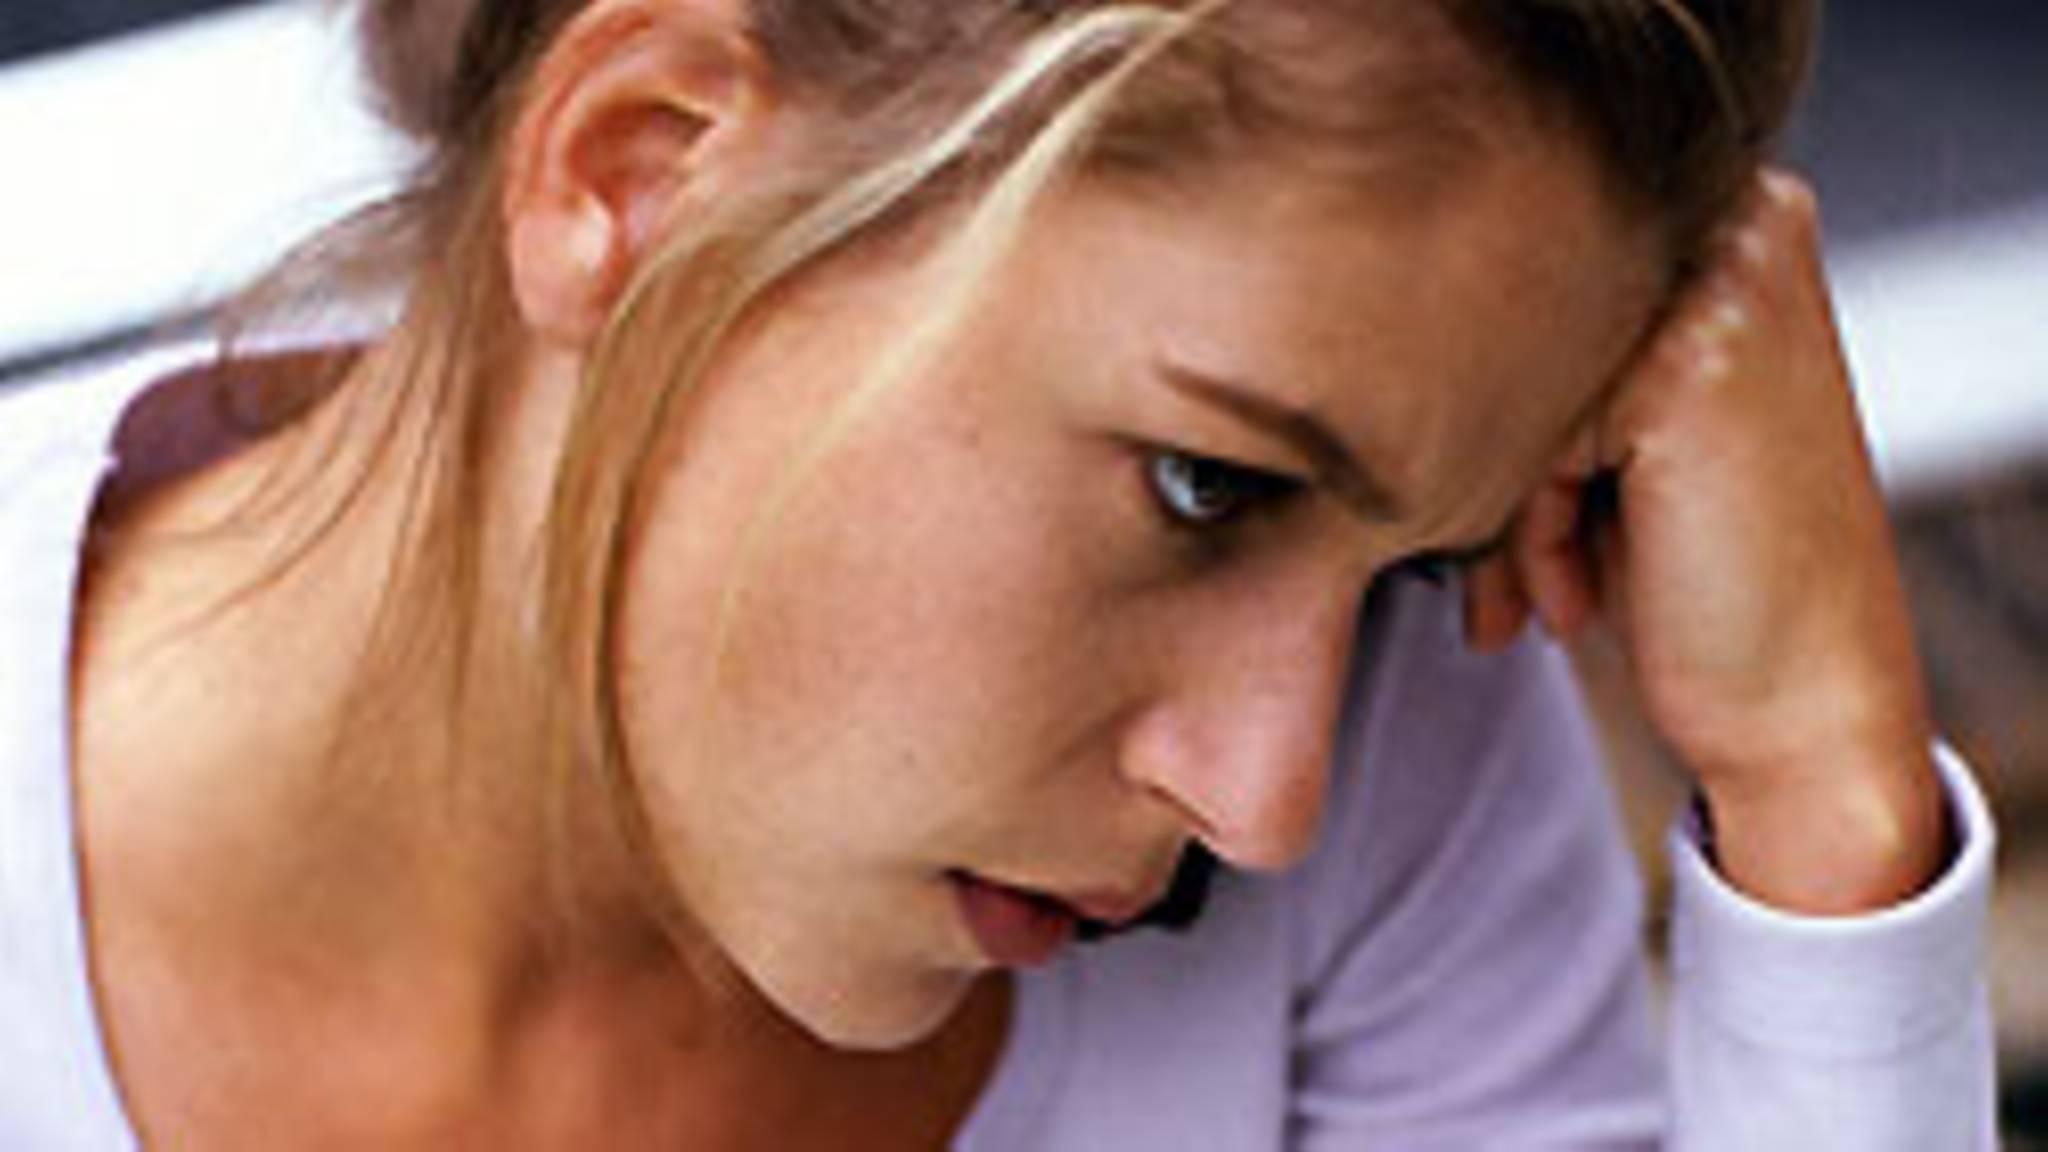 Gelenkschmerzen: Ein häufiges Symptom der Wechseljahre